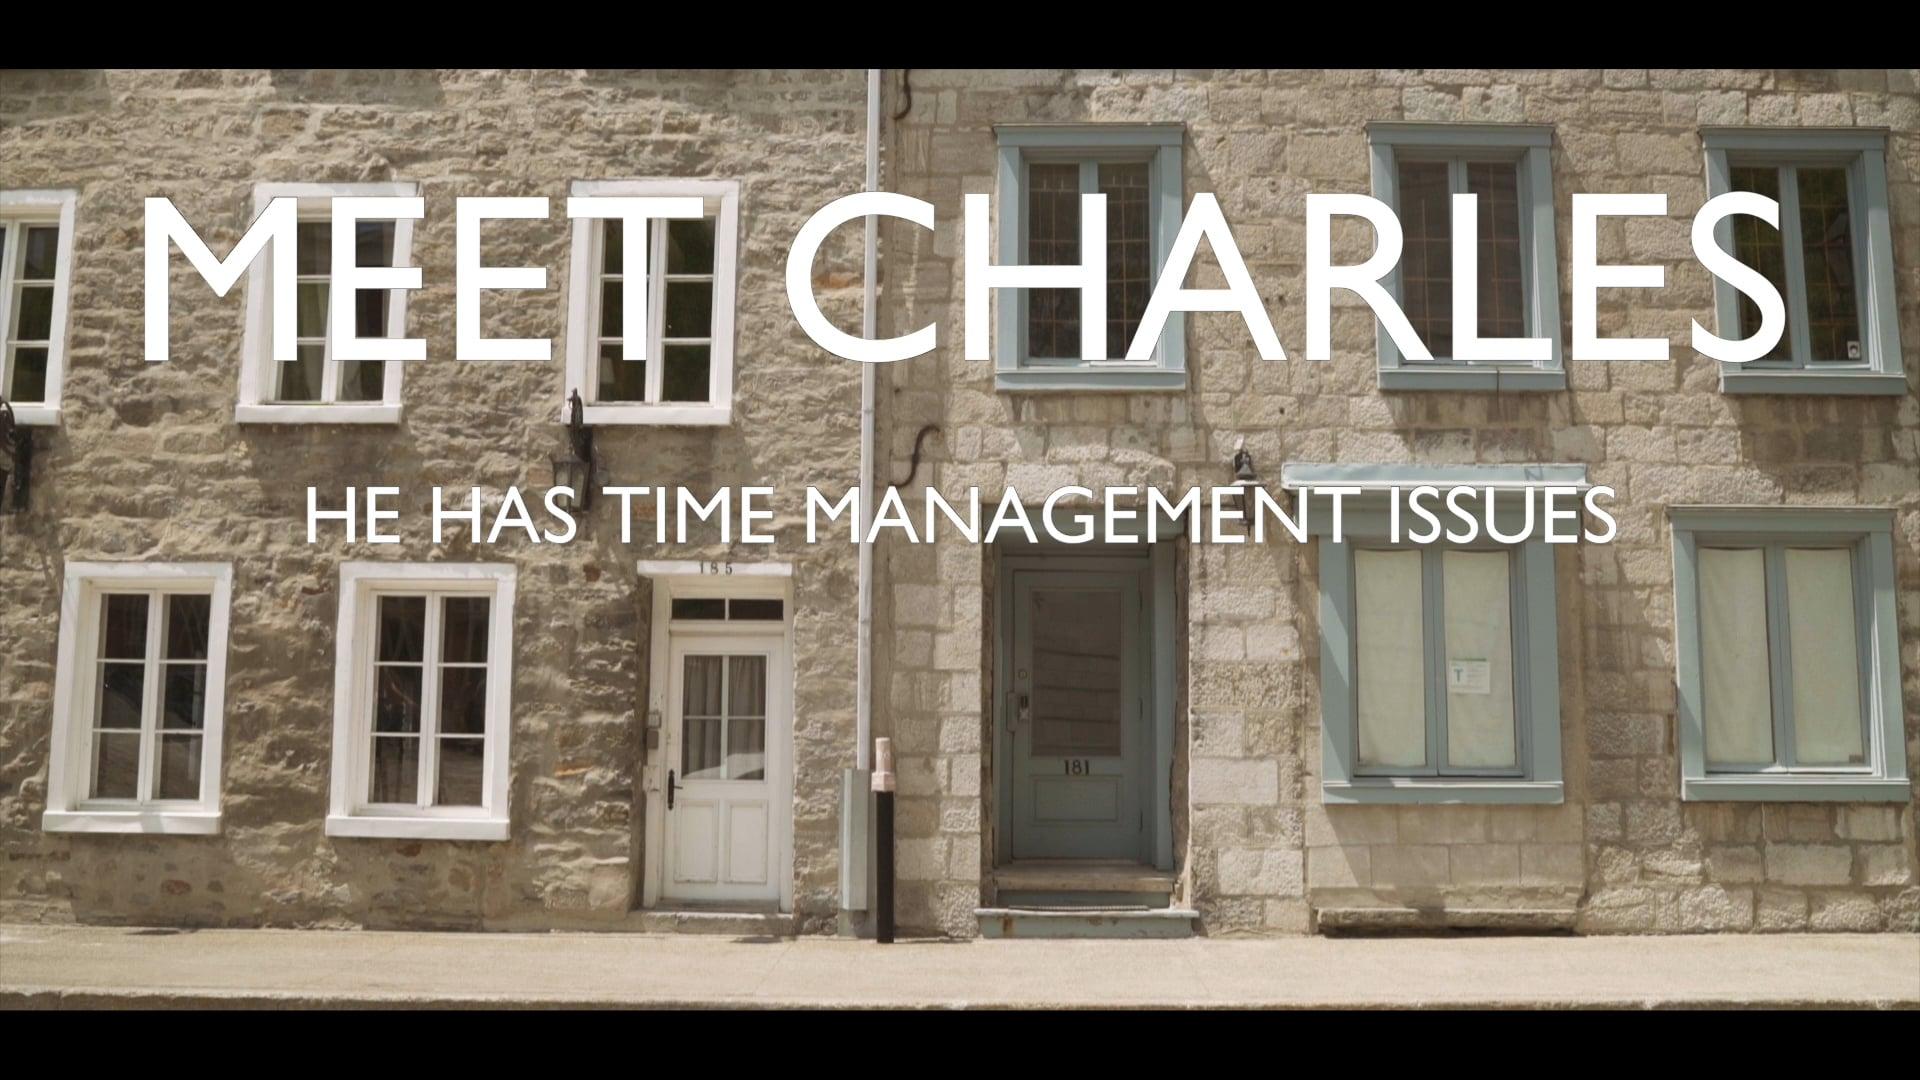 Meet Charles